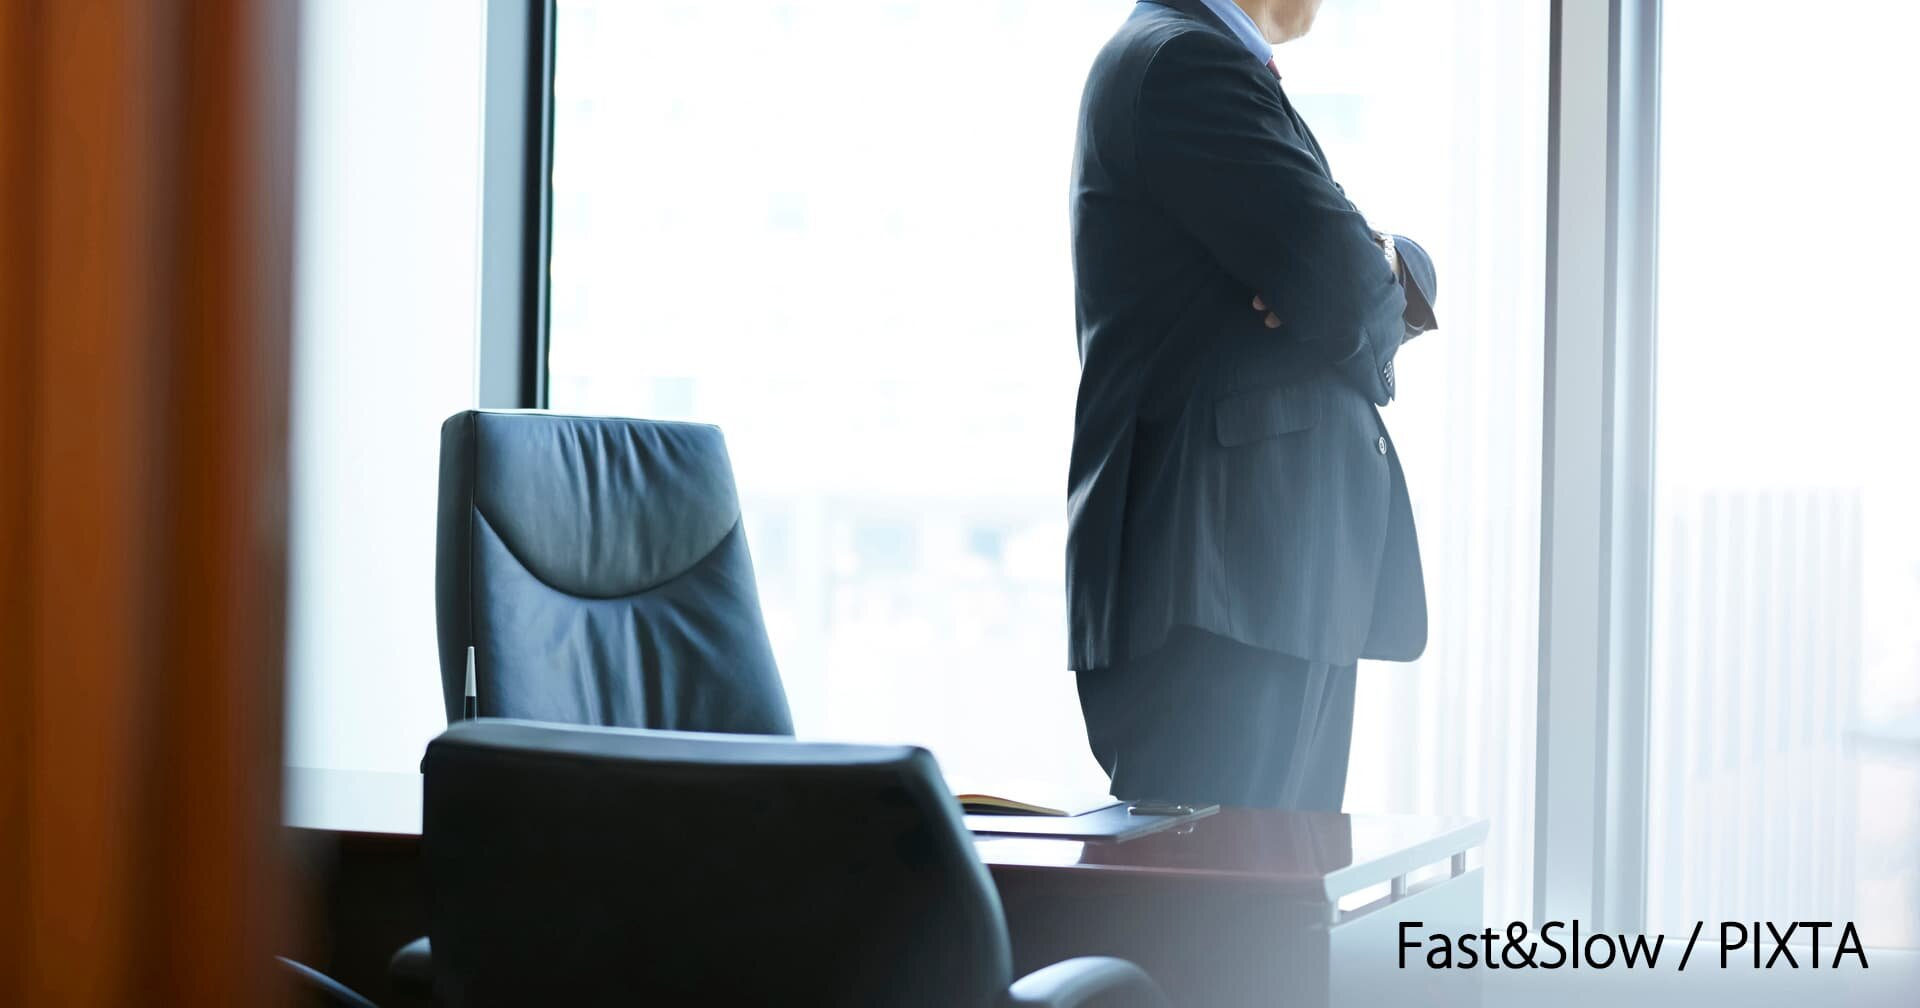 現代経営者が強いられる挑戦とは何か――理念を再解釈せよ!